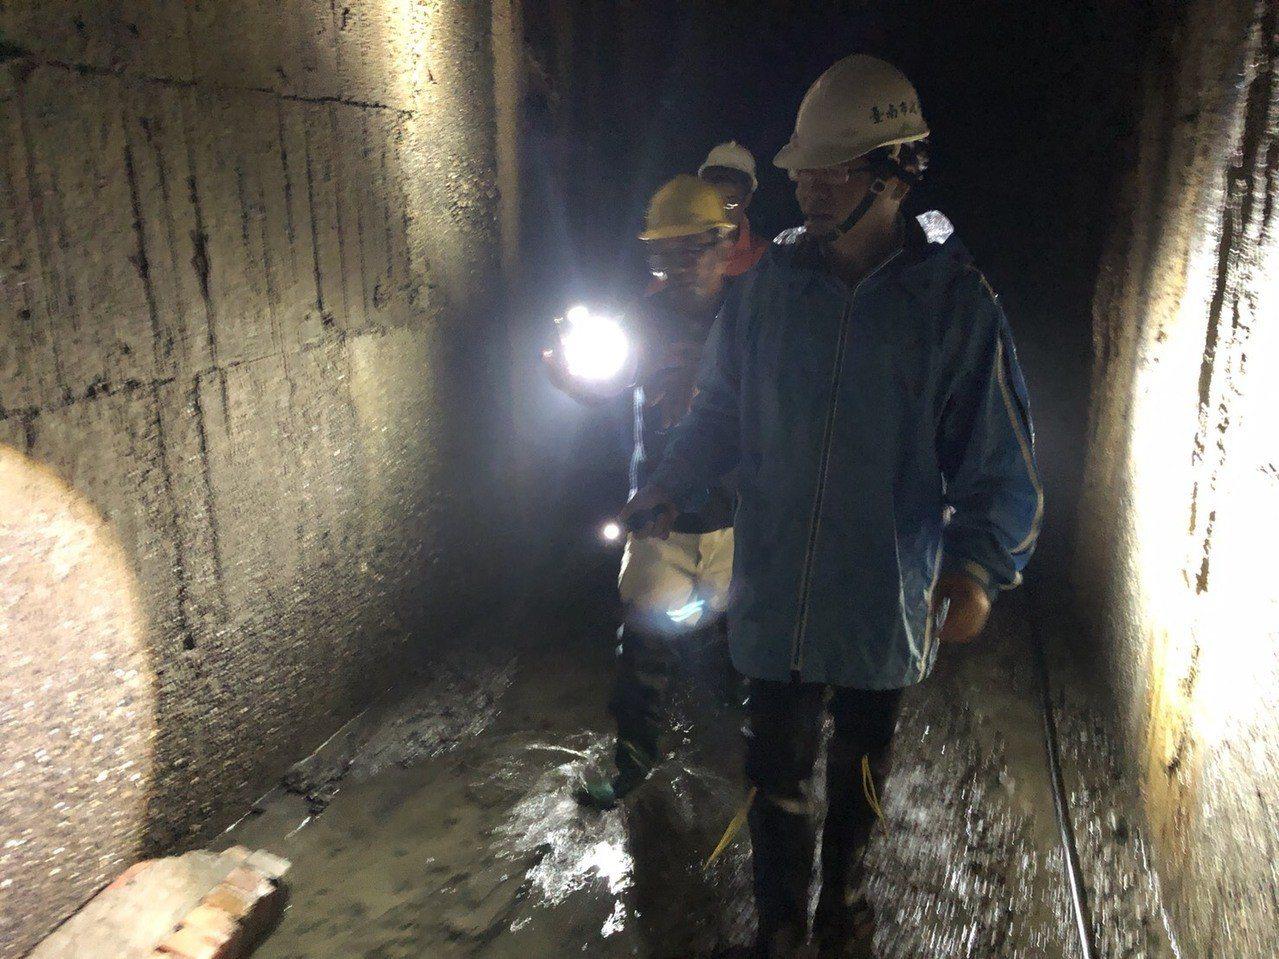 台南代理市長李孟諺今天下午親自到箱涵下方了解淤積情況。圖/台南市政府提供